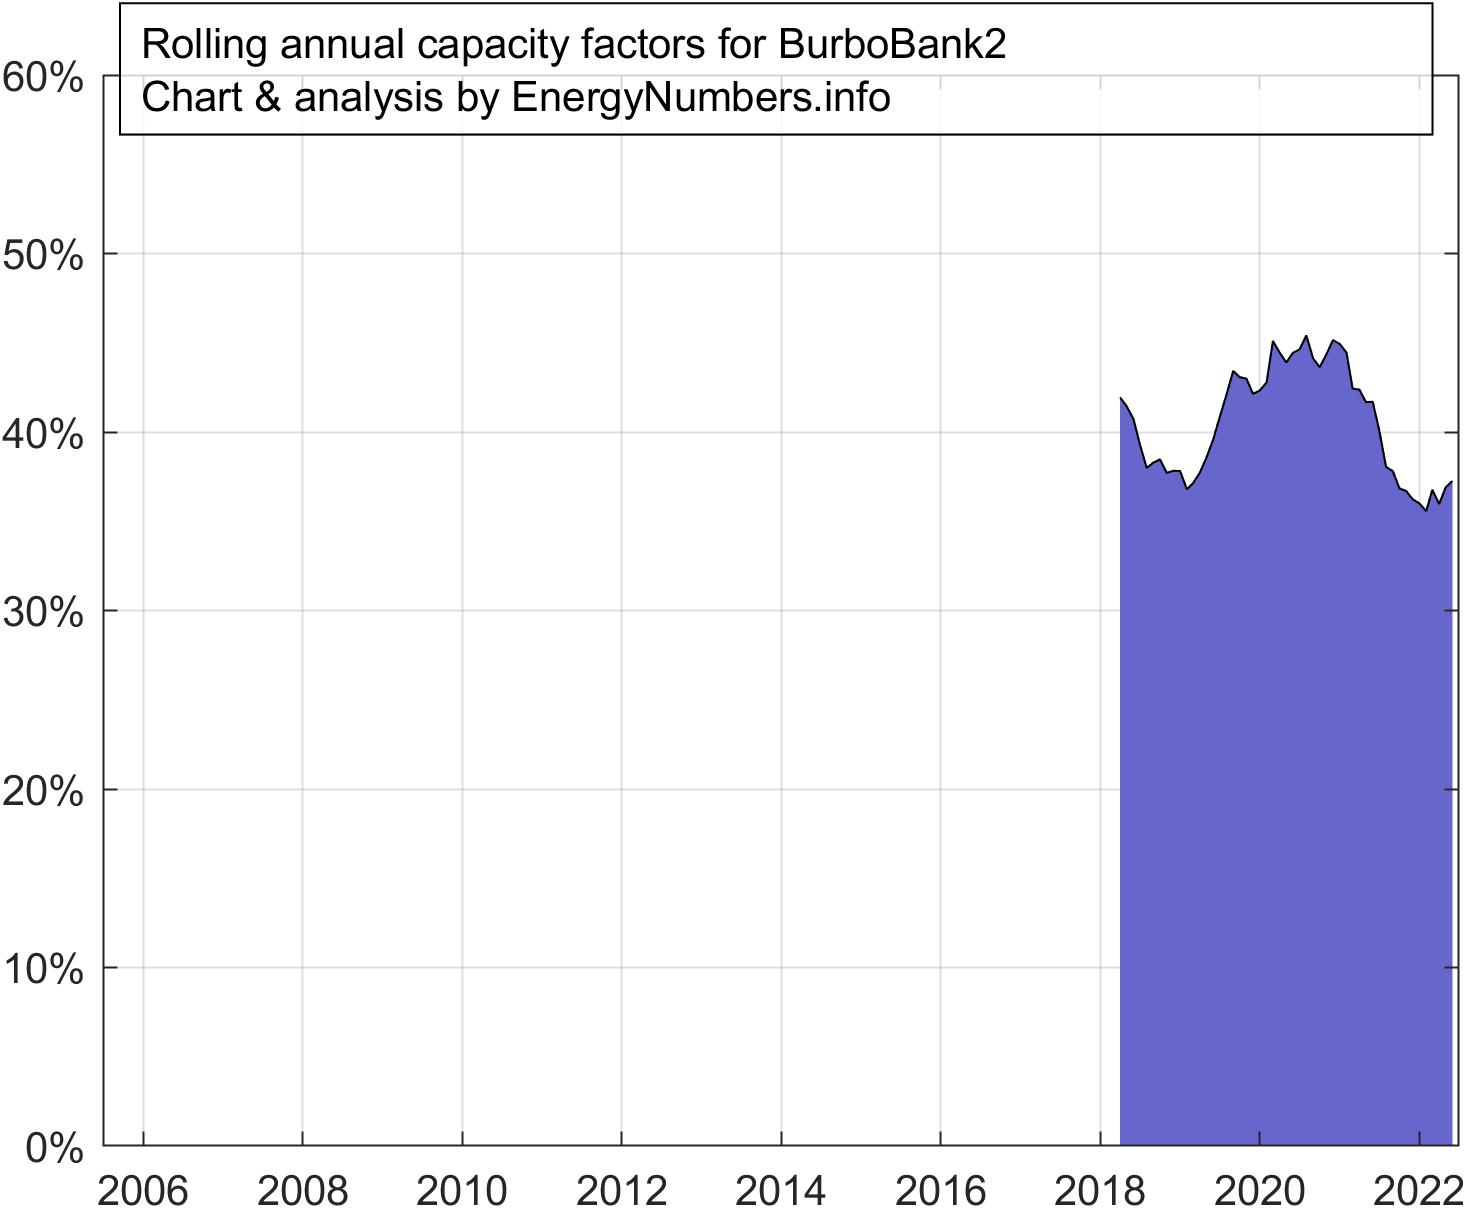 UK offshore wind capacity factors